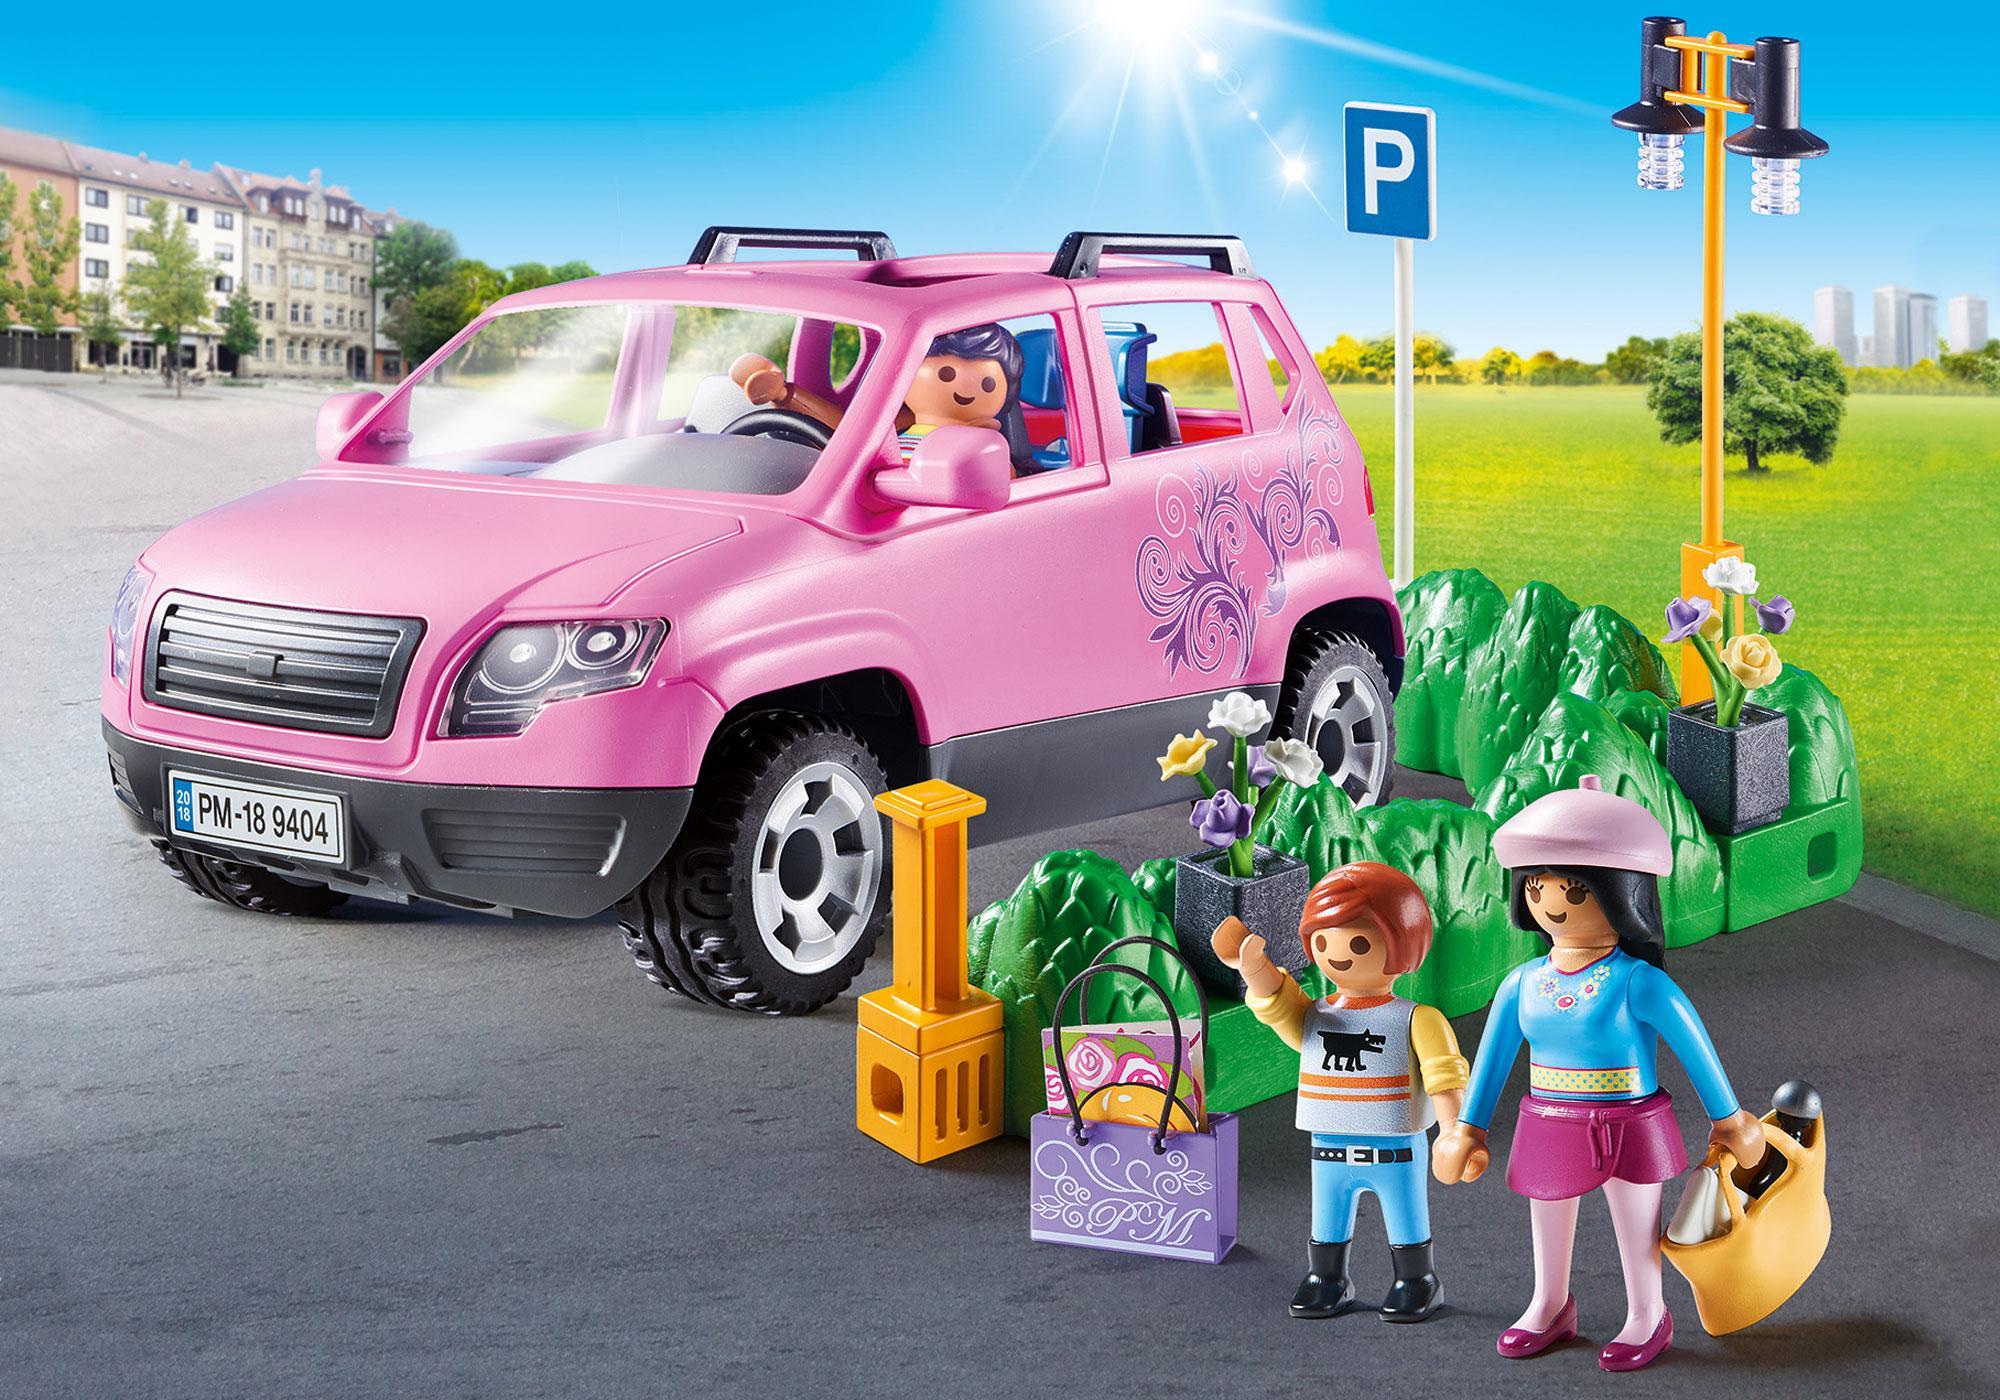 http://media.playmobil.com/i/playmobil/9404_product_detail/Samochód rodzinny z zatoczką parkingową